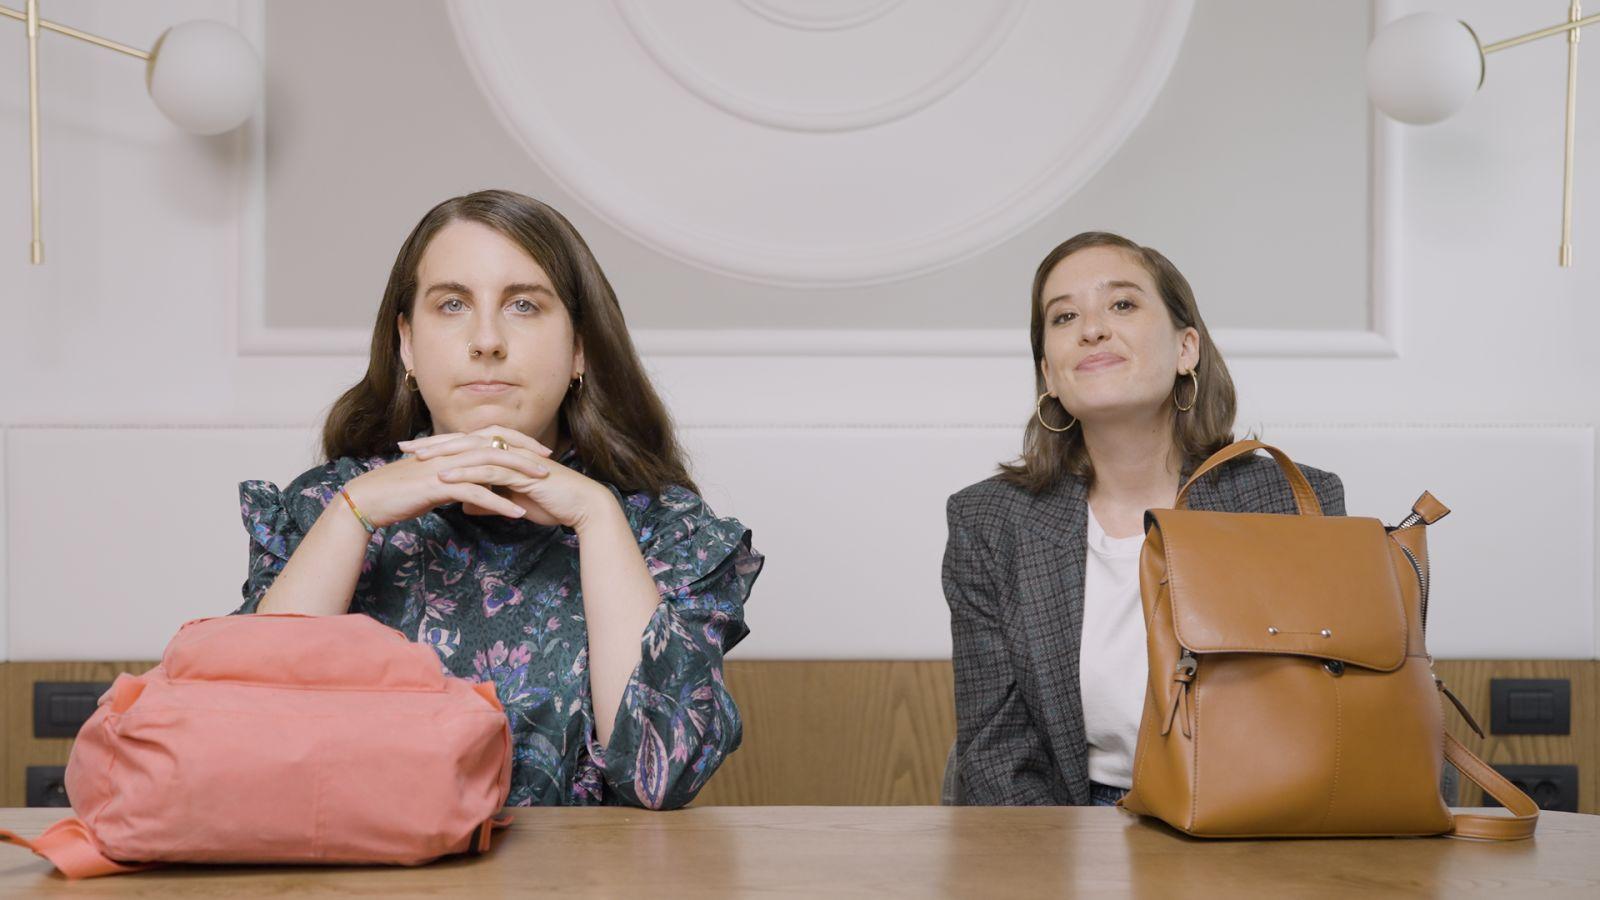 Estirando el chicle: qué hay en el bolso de Carolina Iglesias y Victoria Martín